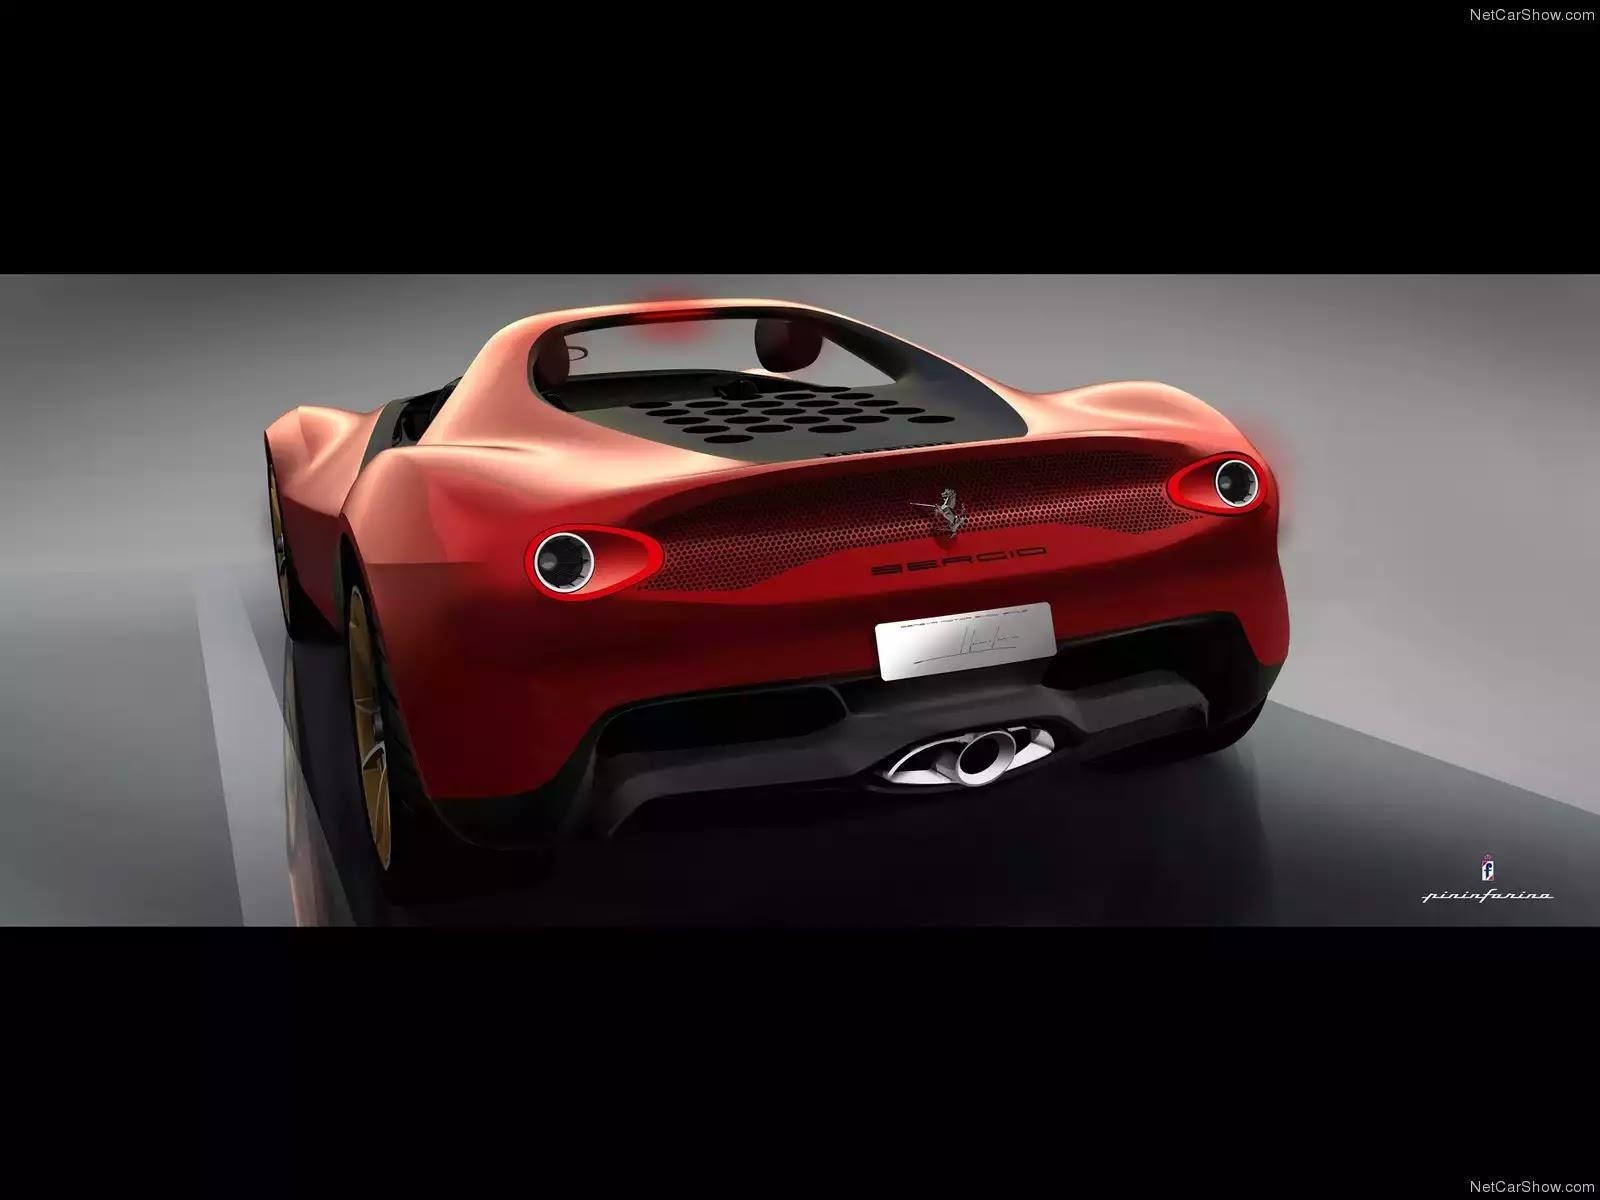 Hình ảnh siêu xe Ferrari Sergio Concept 2013 & nội ngoại thất